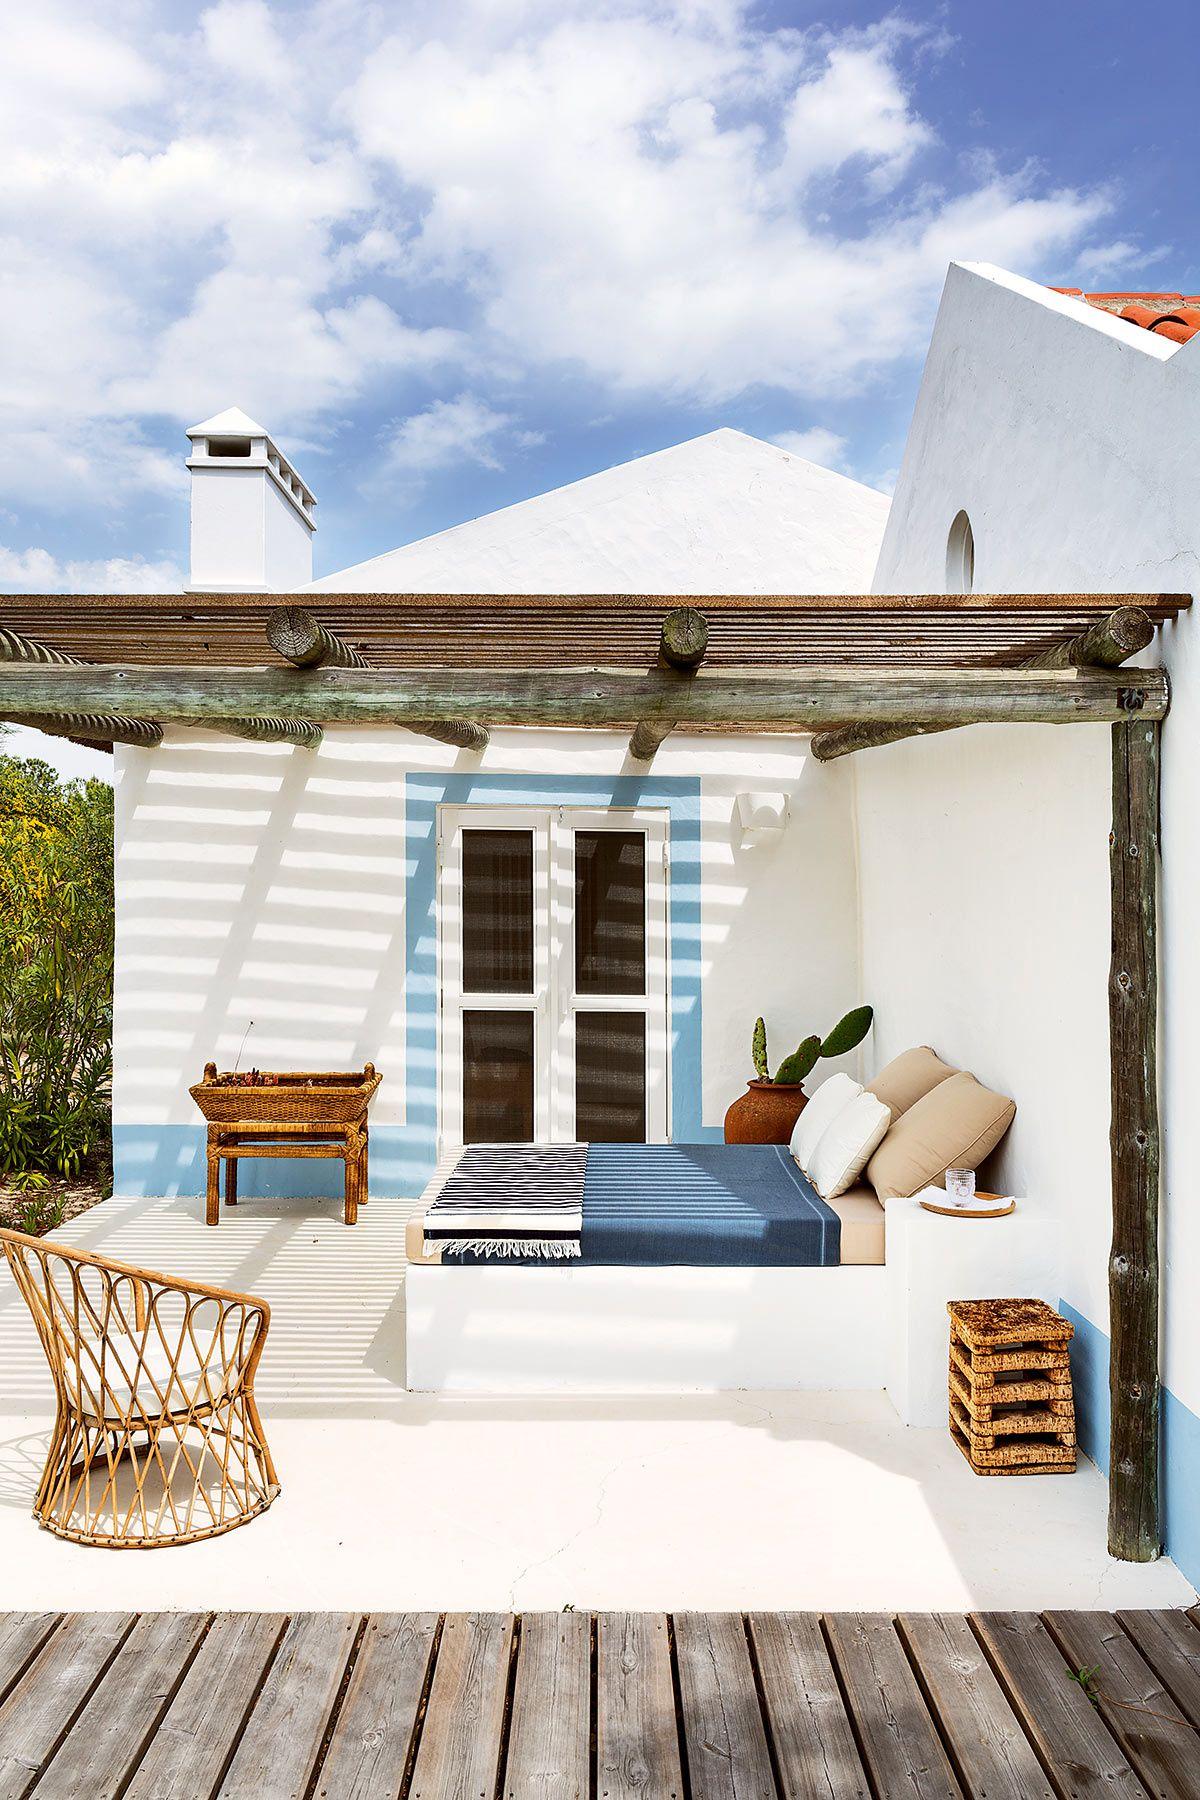 Une cabane de p cheur au portugal planete deco a homes world vacances pinterest maison - Maison de pecheur portugal ...